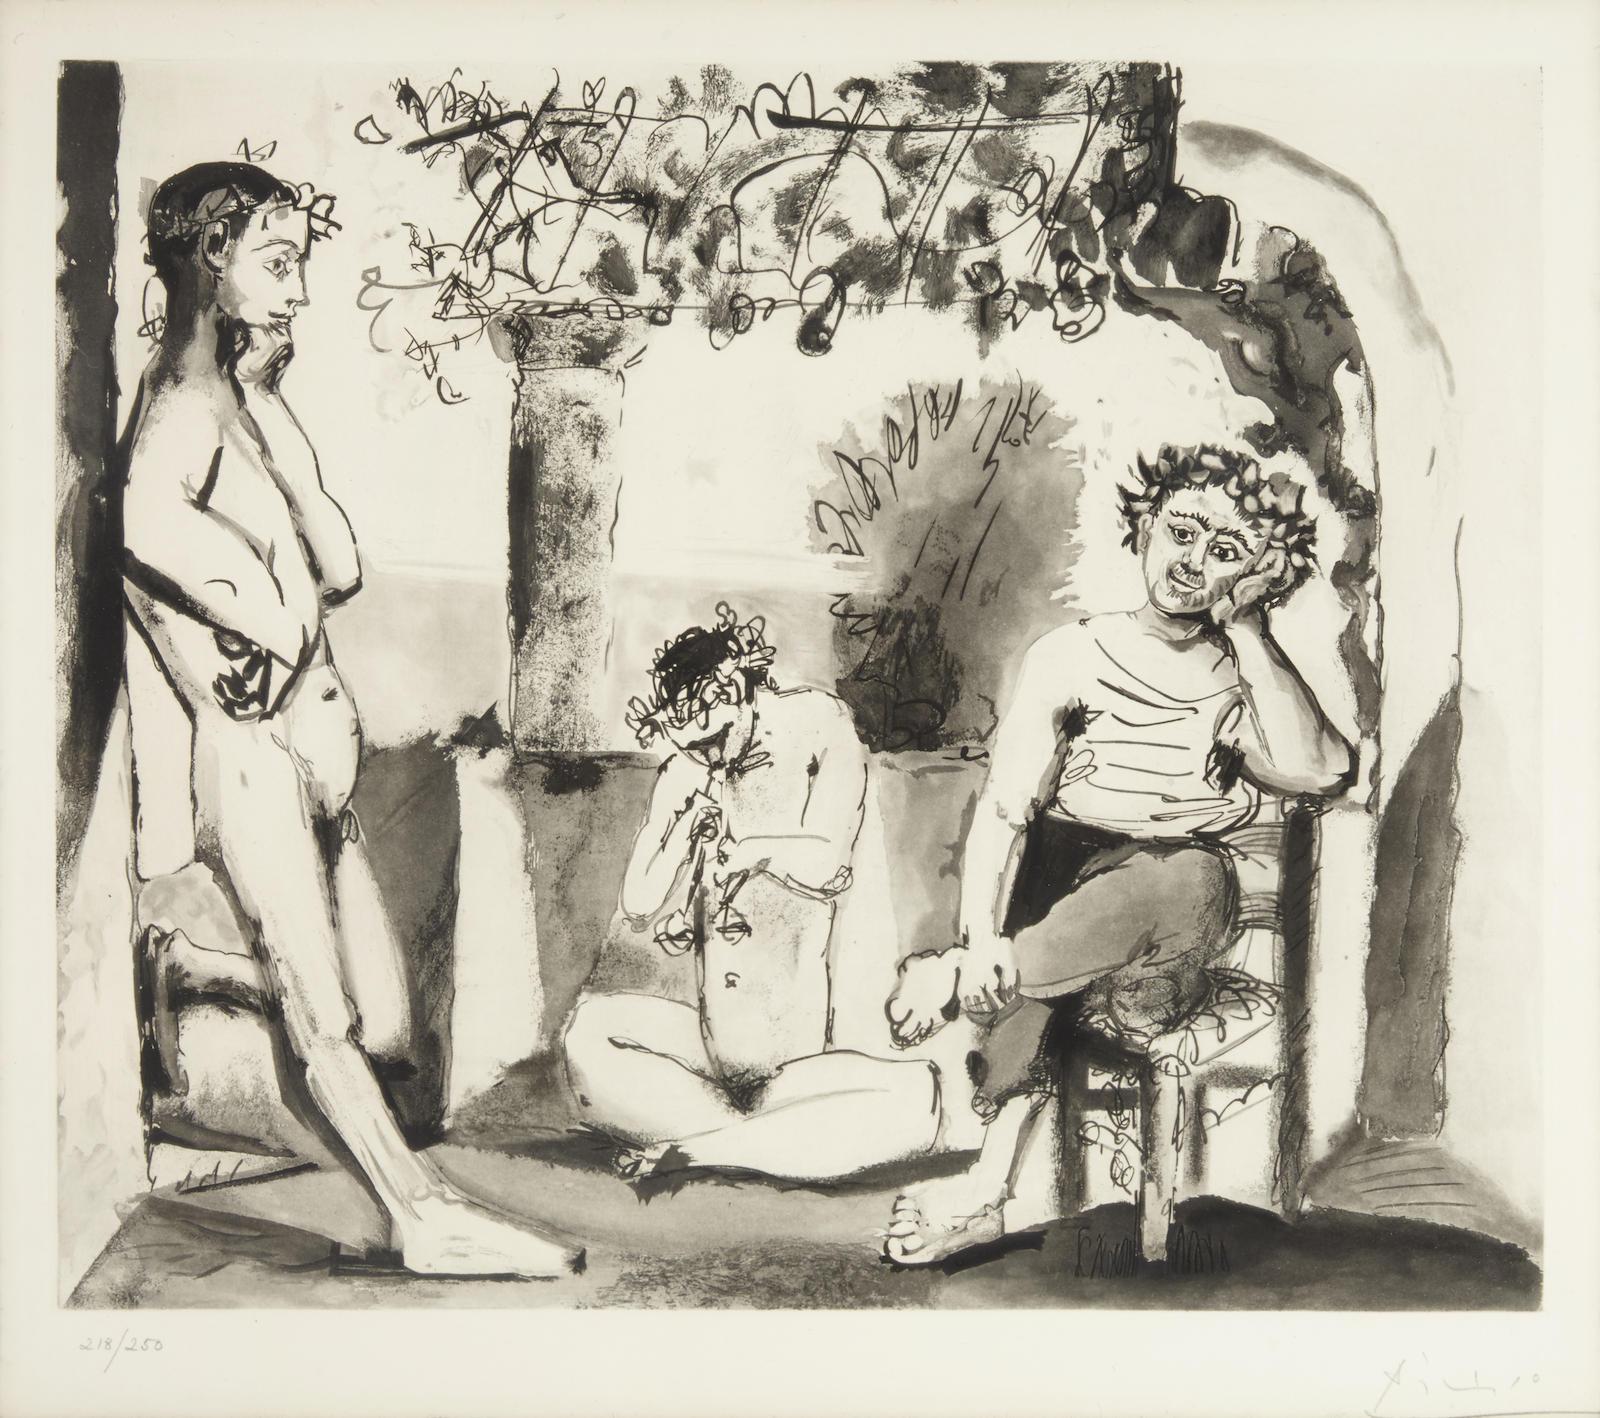 Pablo Picasso-After Pablo Picasso - Bacchanale, c. 1955-1955